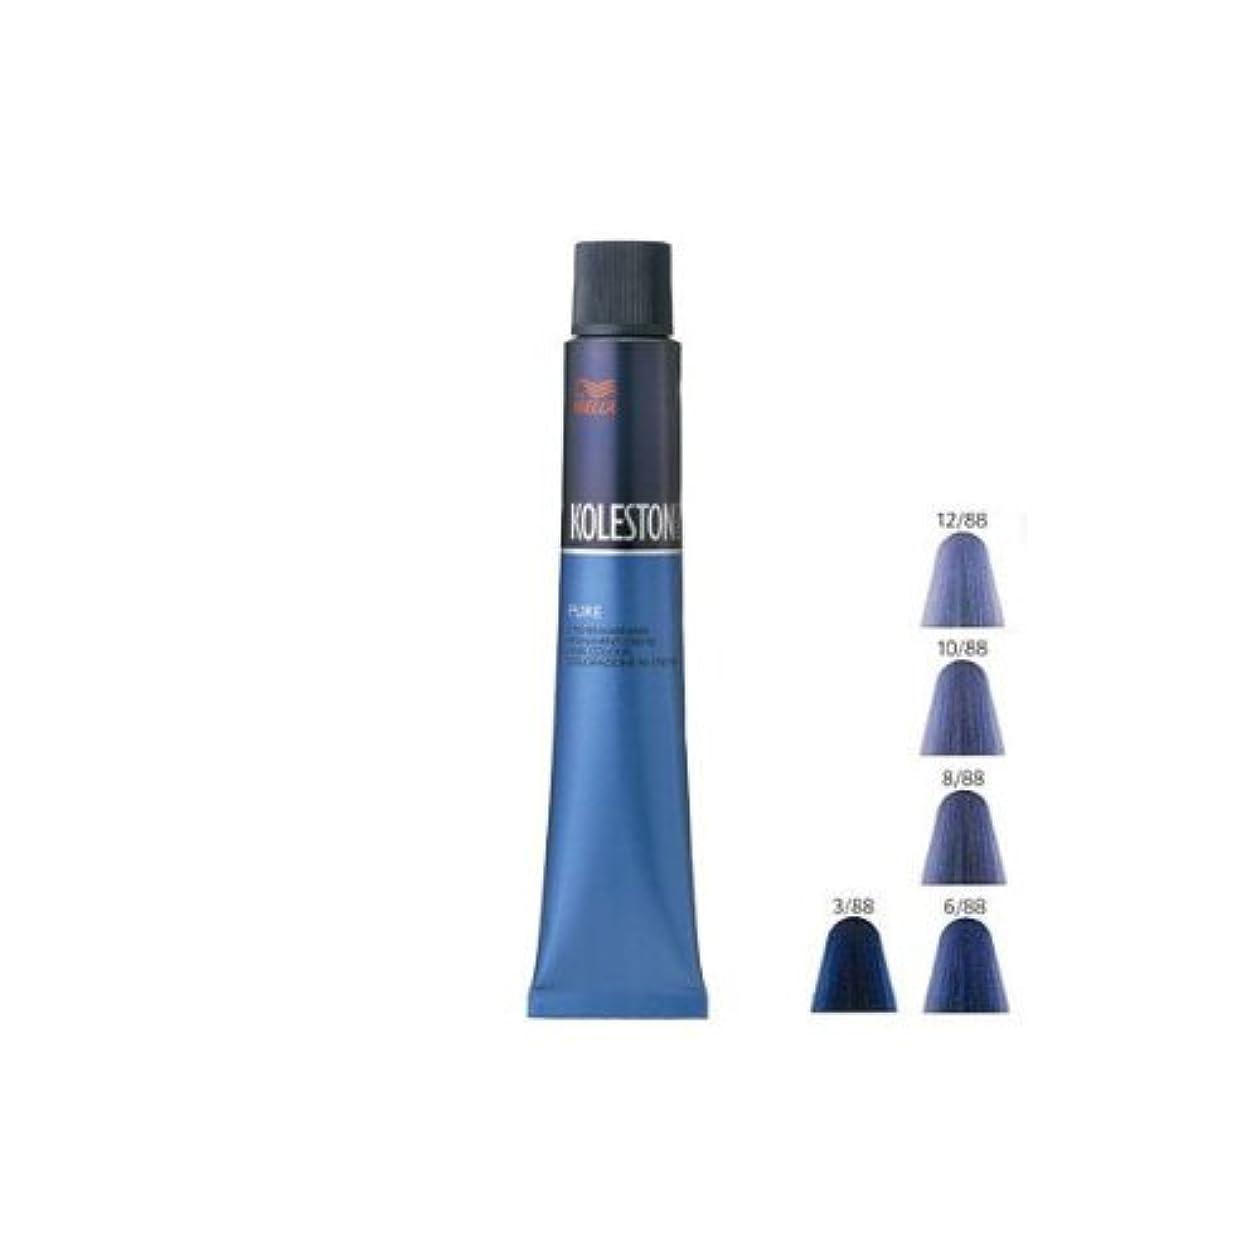 丘極めて重要な重要性ウエラ コレストン パーフェクト Pure[ブルーシルバー 88](1剤) 80g【WELLA】 (12/88)